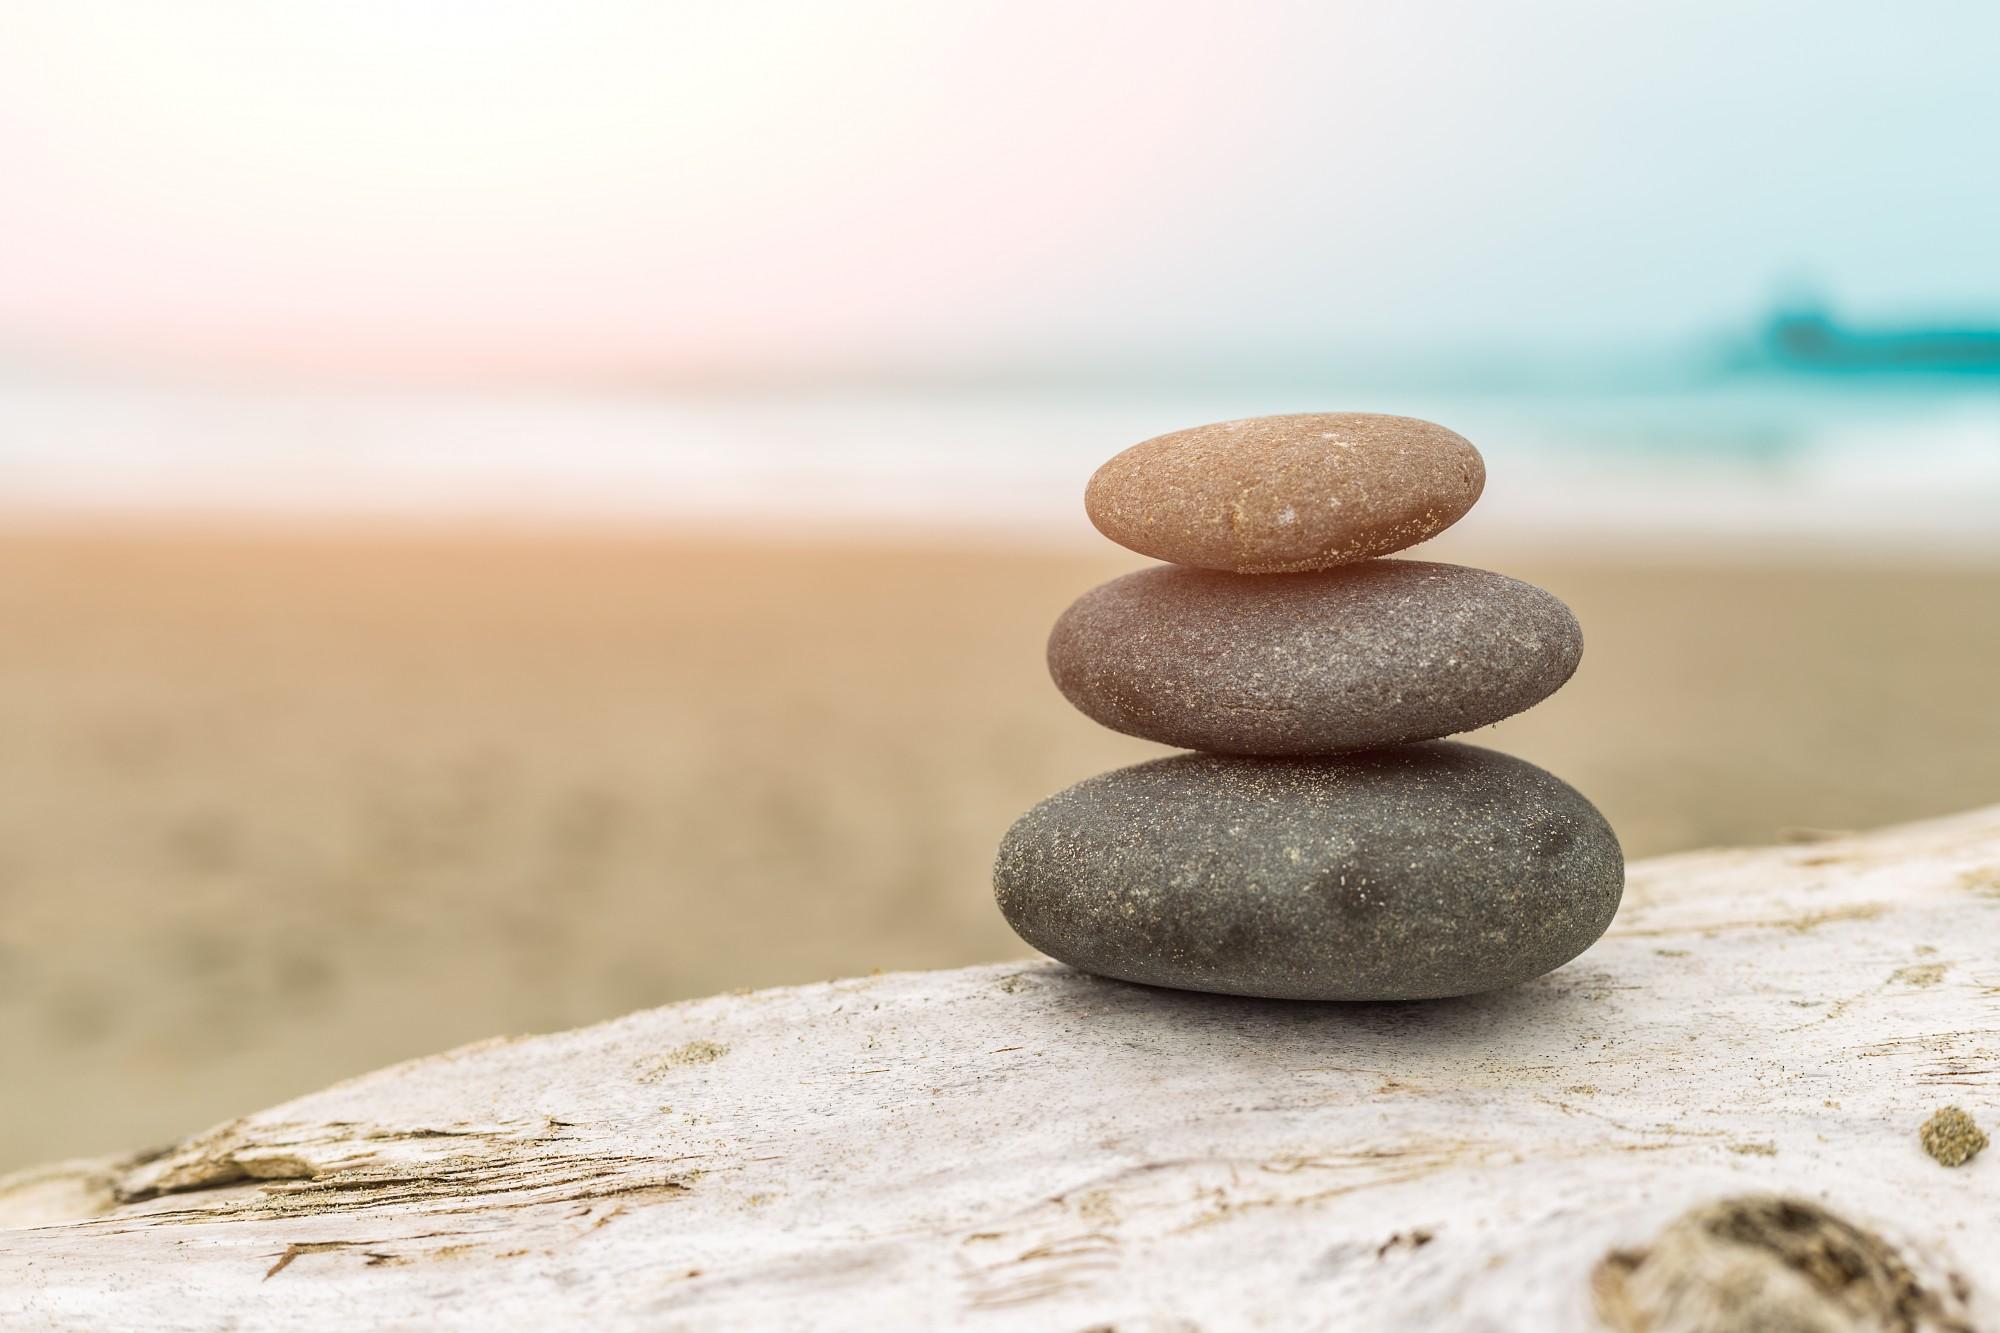 Norisināsies Garīgās veselības nedēļa. Kā saglabāt mieru un harmoniju ikdienā